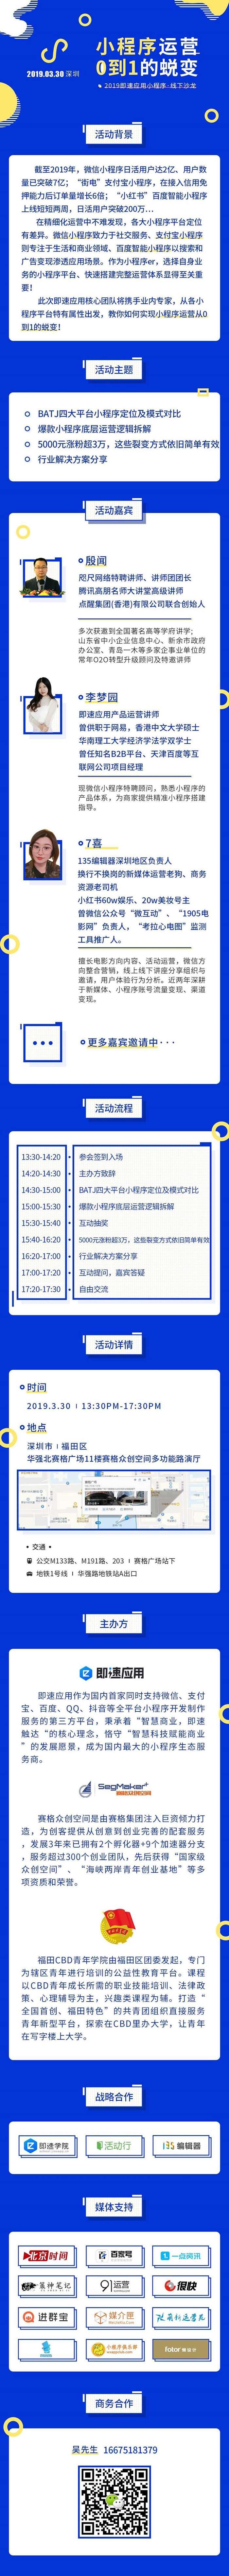 长图_深圳 活动行2.0.png